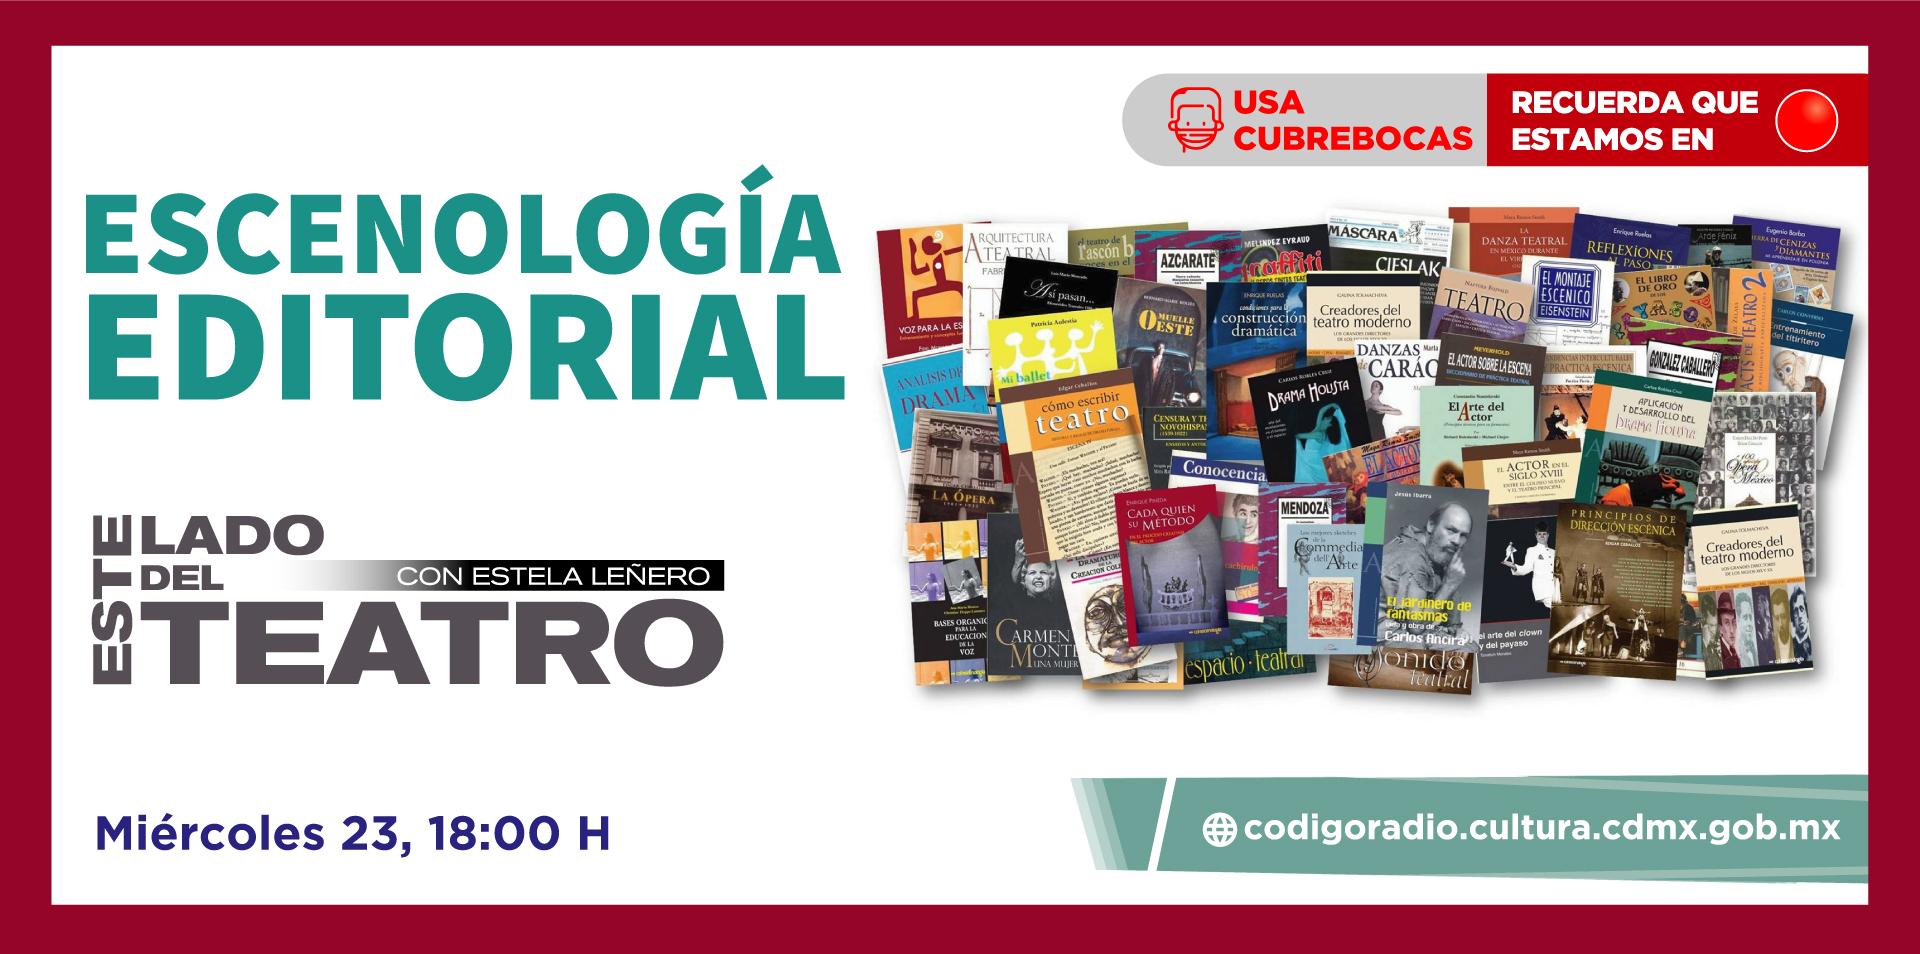 Escenología Editorial